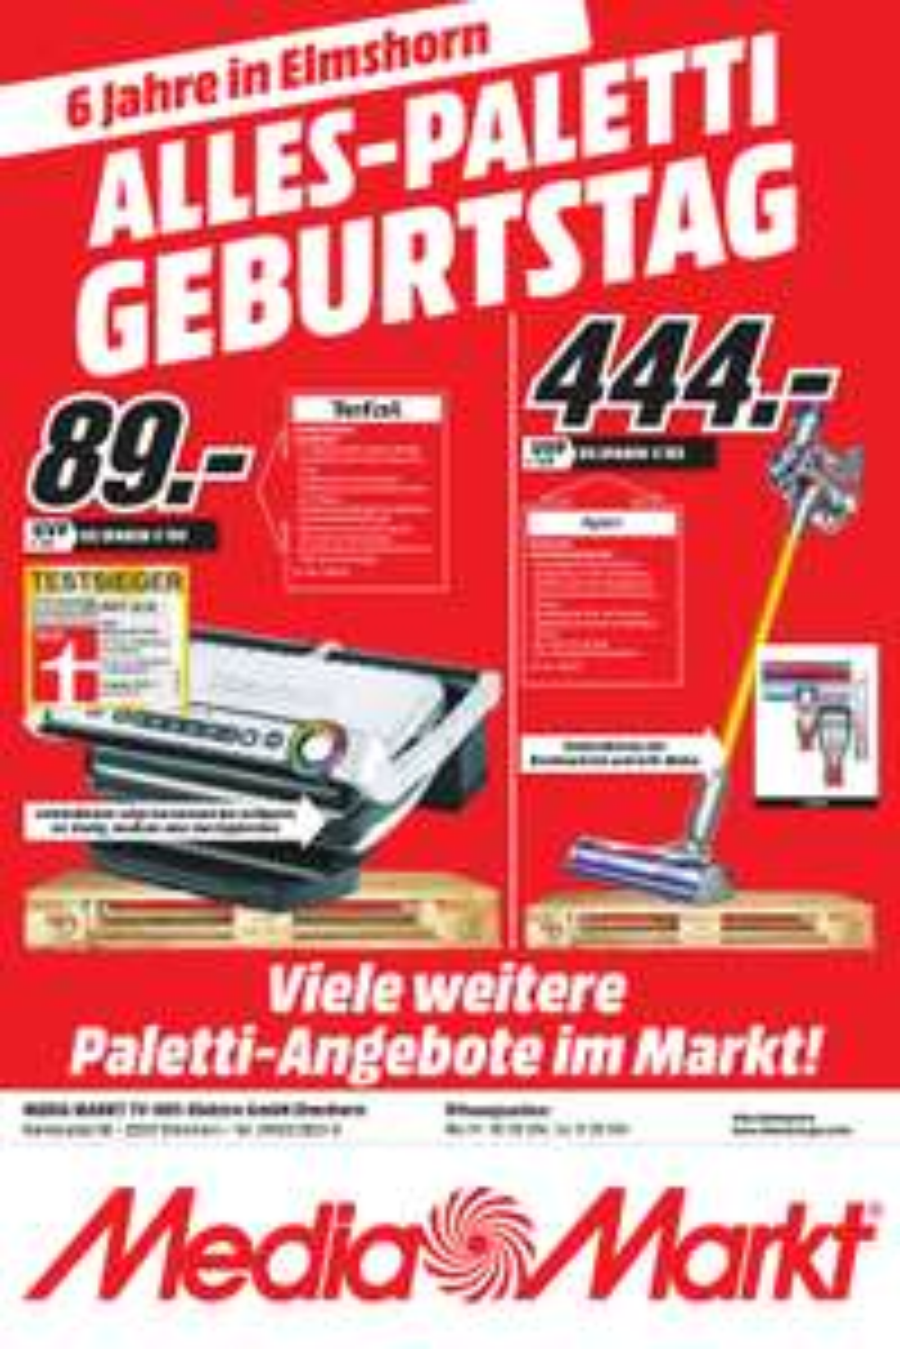 TEFAL GC 702D Optigrill bei Mediamarkt Elmshorn für 89 Euro